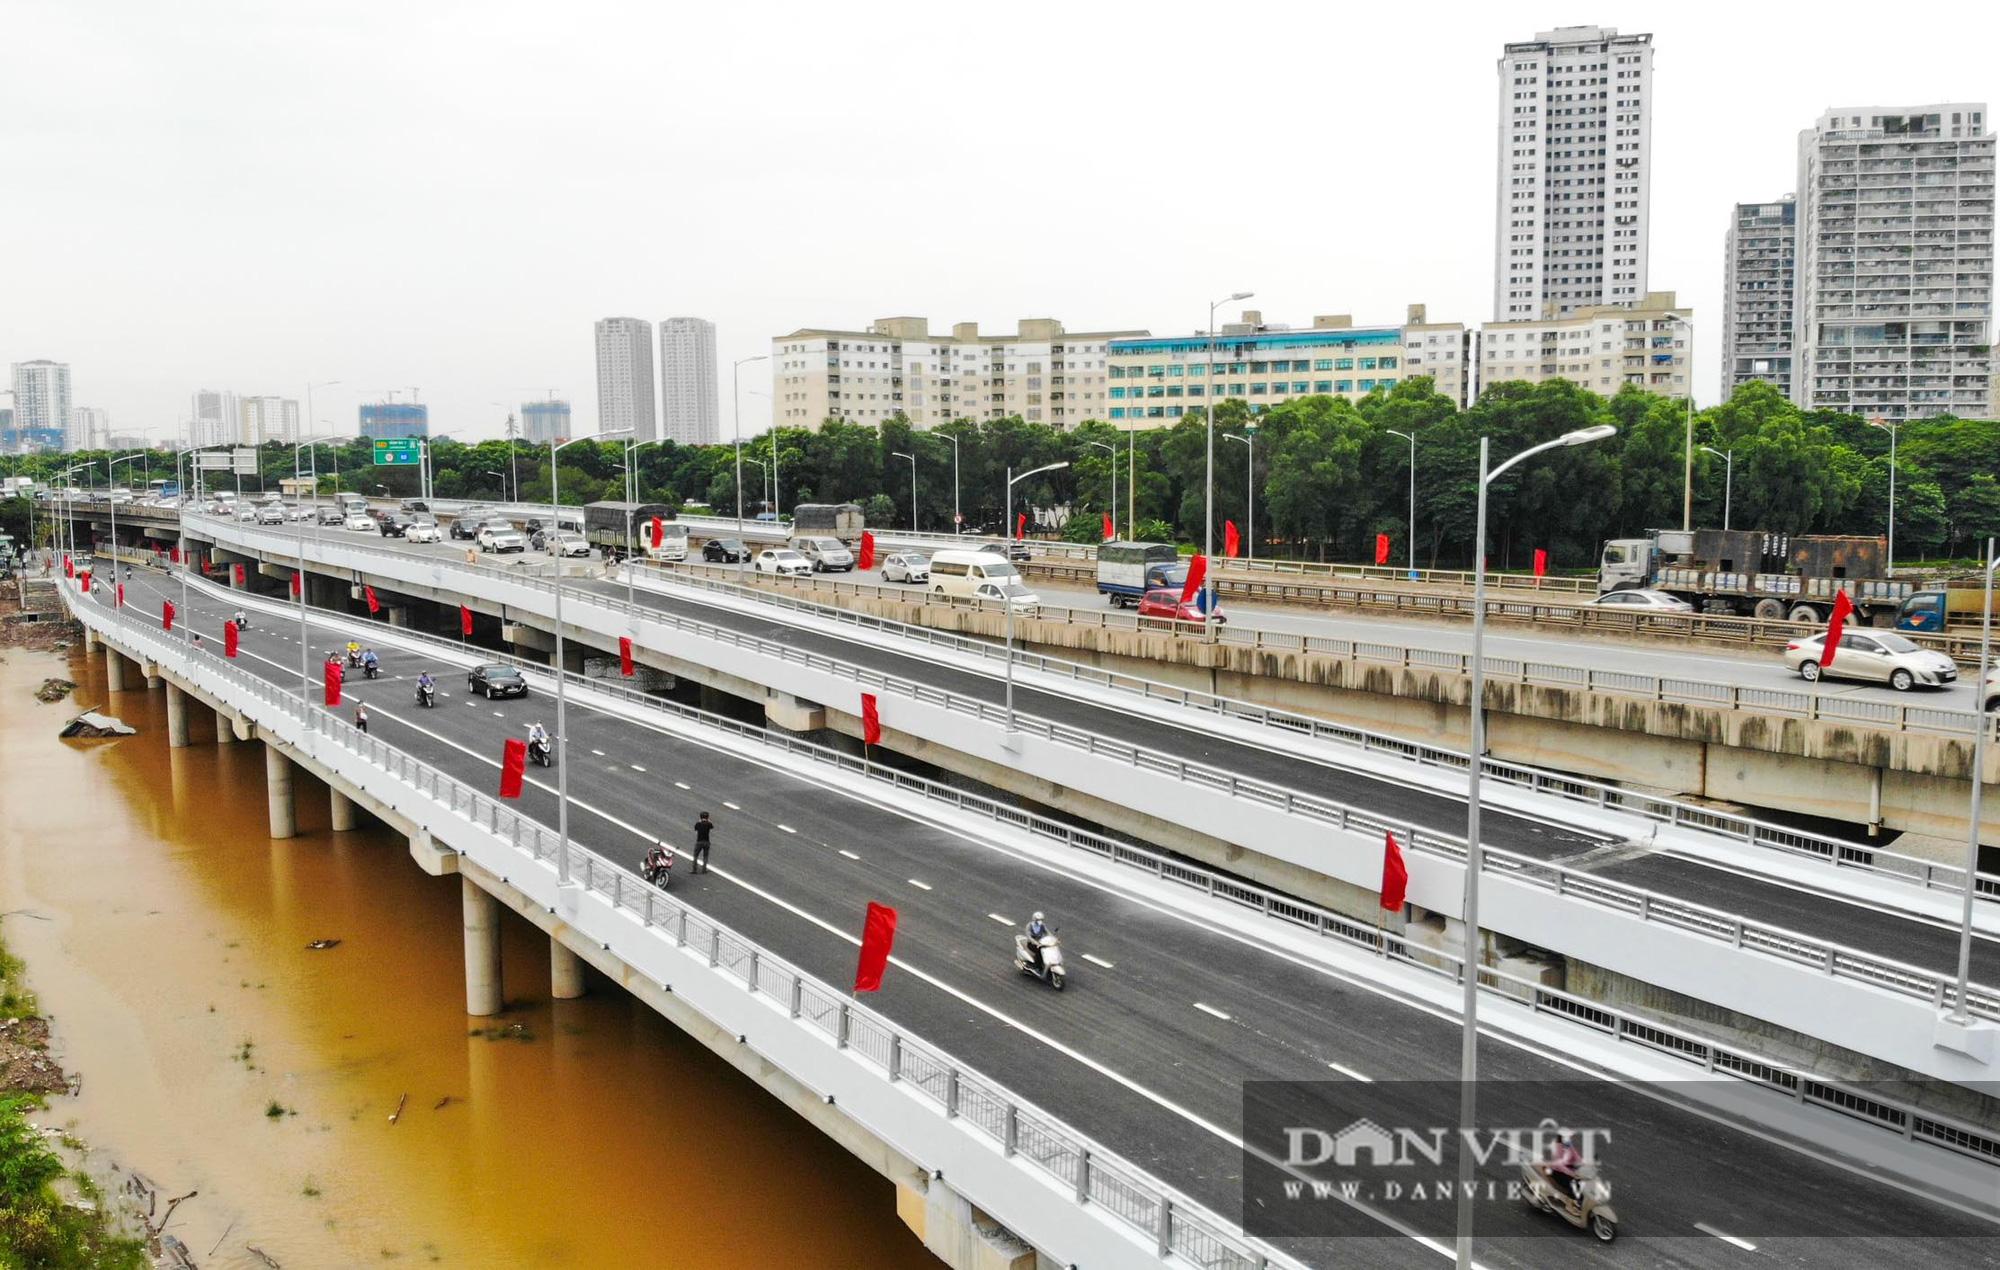 Tân chủ tịch Hà Nội cùng bộ trưởng Nguyễn Văn Thể dự lễ thông xe qua hồ Linh Đàm - Ảnh 6.